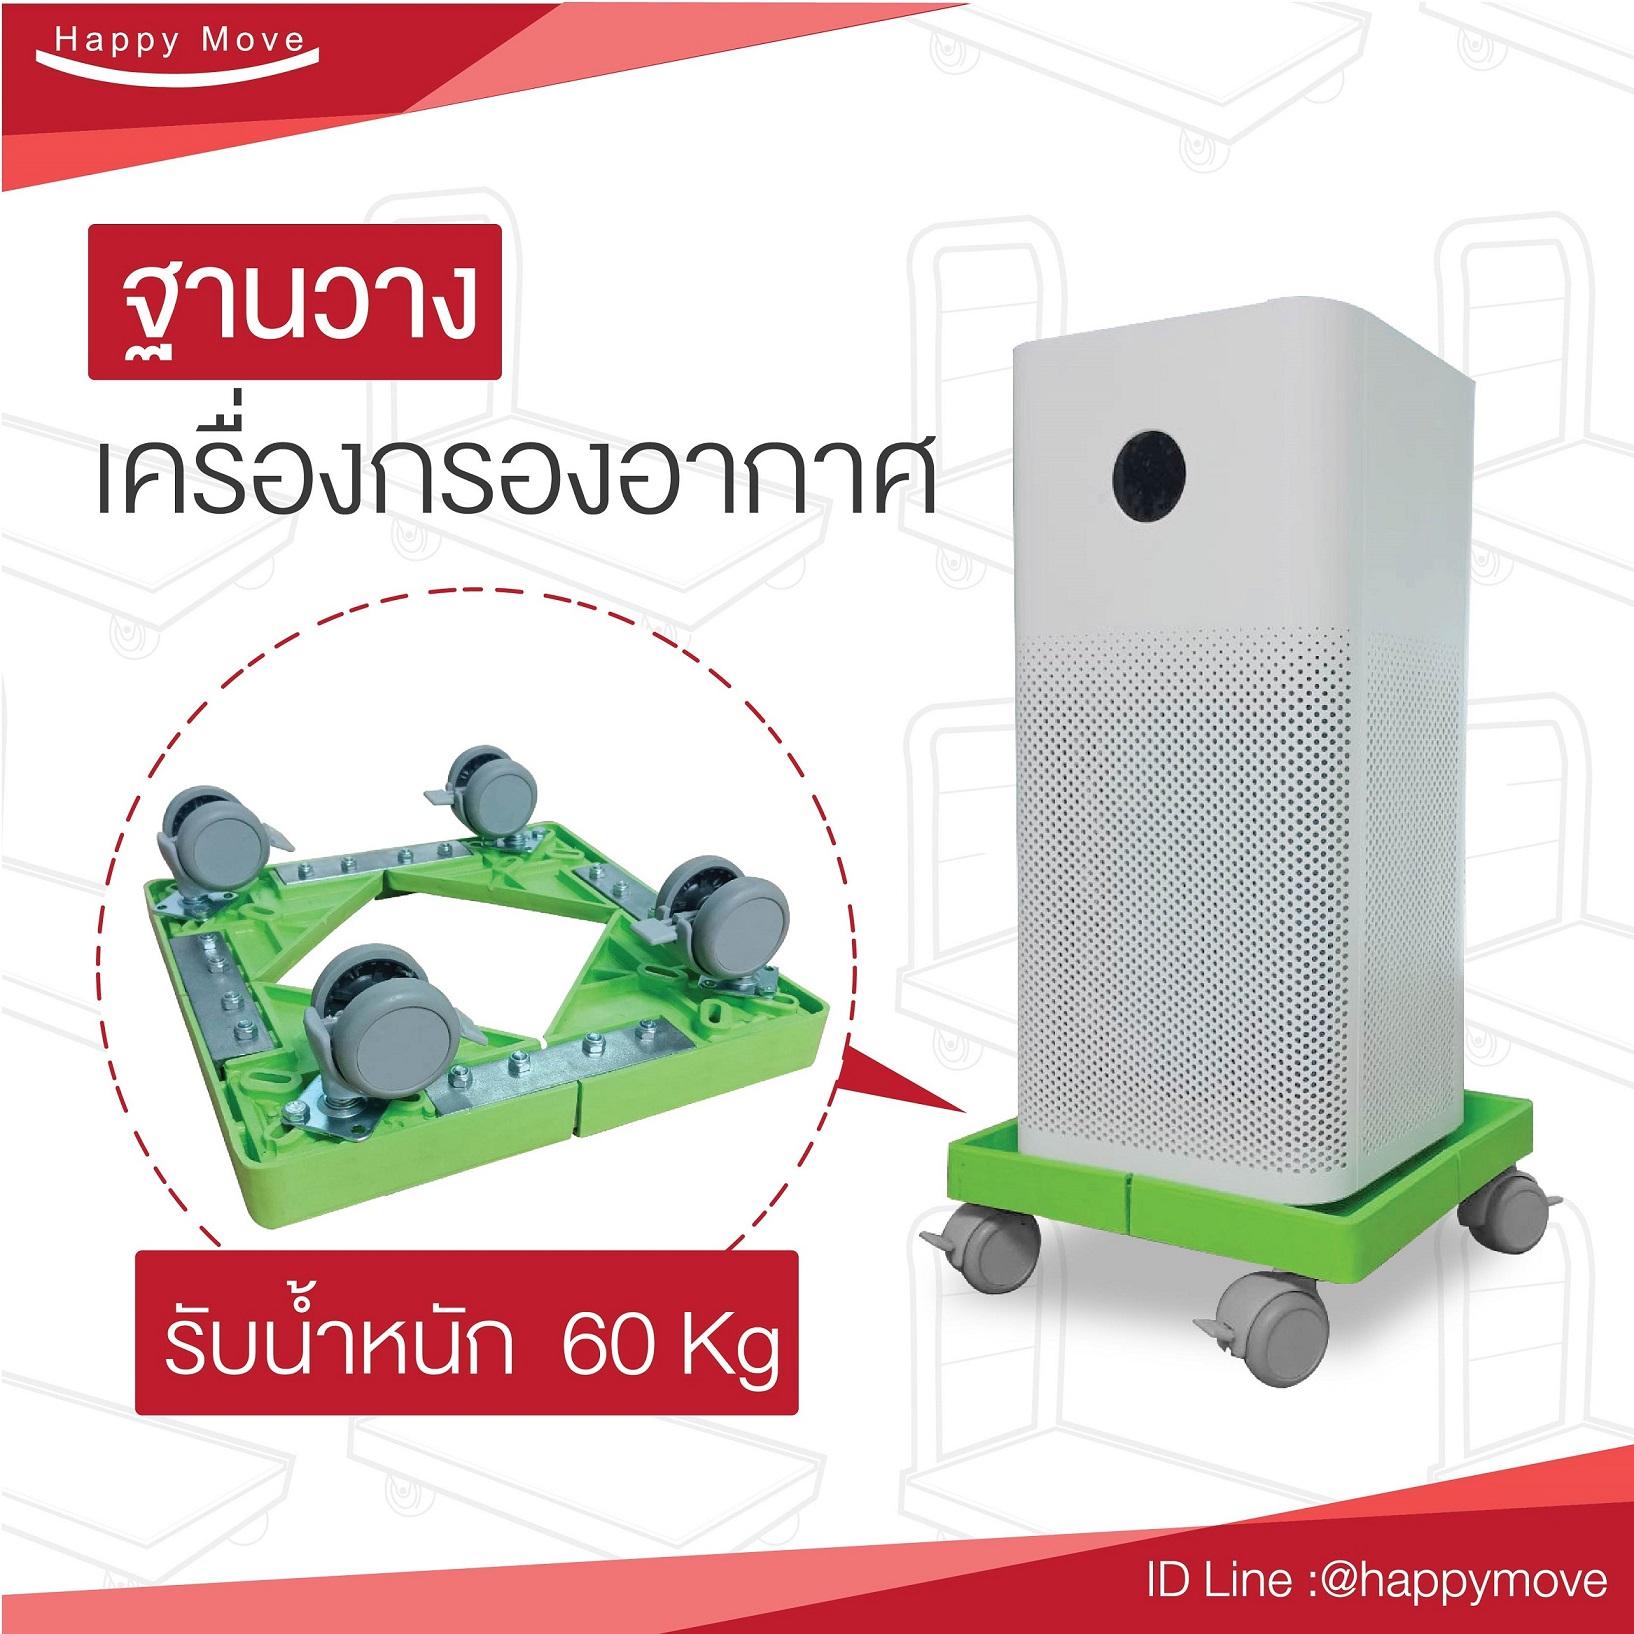 ที่รองเครื่องฟอกอากาศพร้อมล้อเลื่อนแบบล็อกล้อได้ ฐานติดล้อวางเครื่องฟอกอากาศ Xiaomi roller